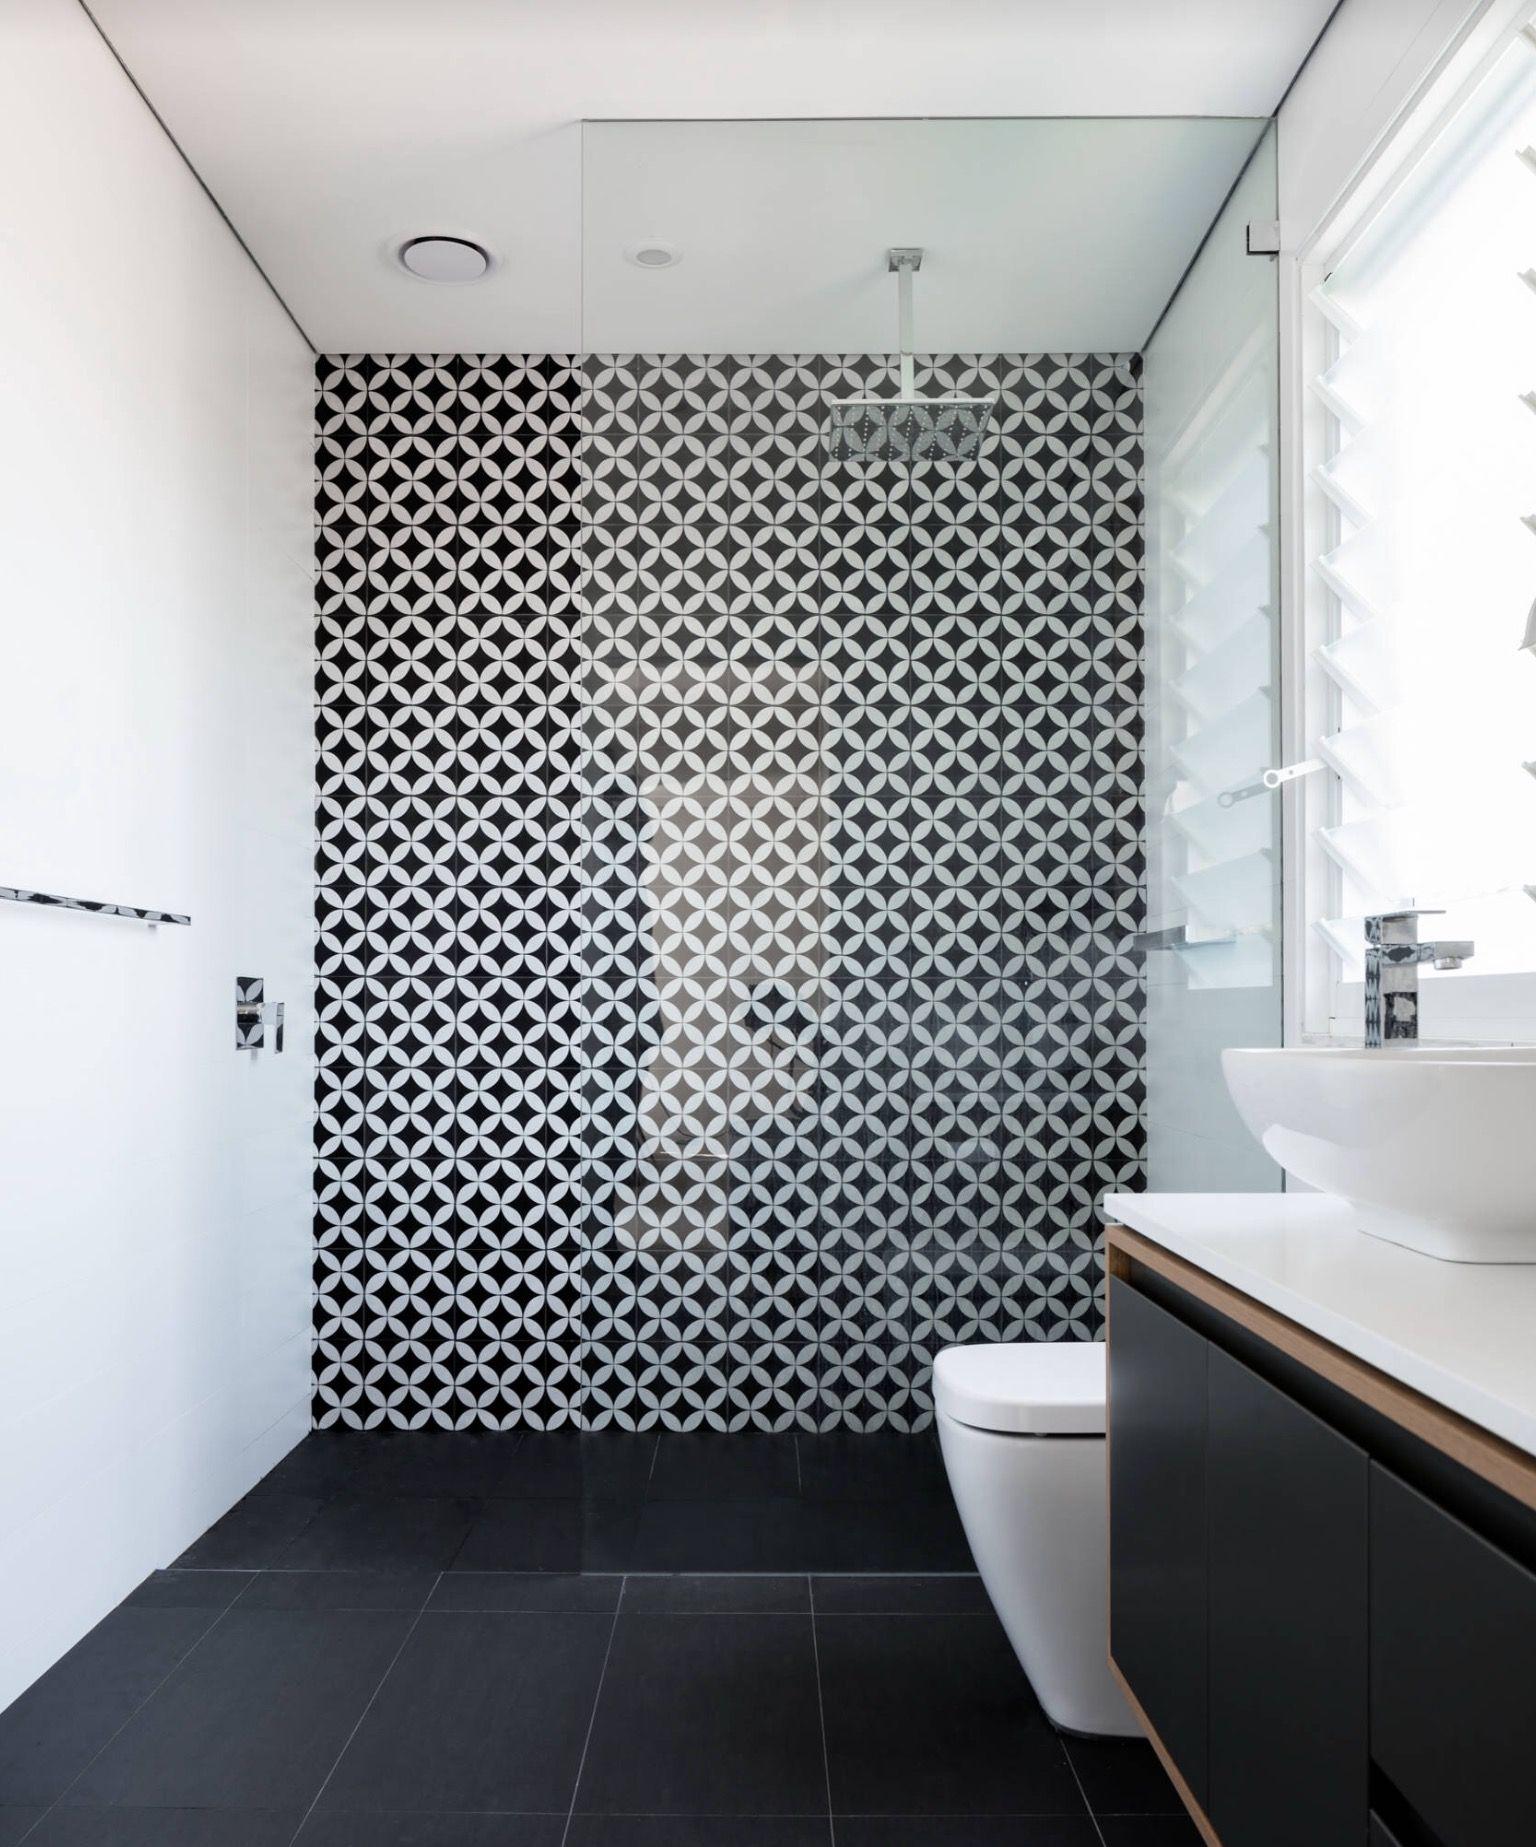 Otro baño con plato ultra-plano del mismo color que las baldosas, y ...